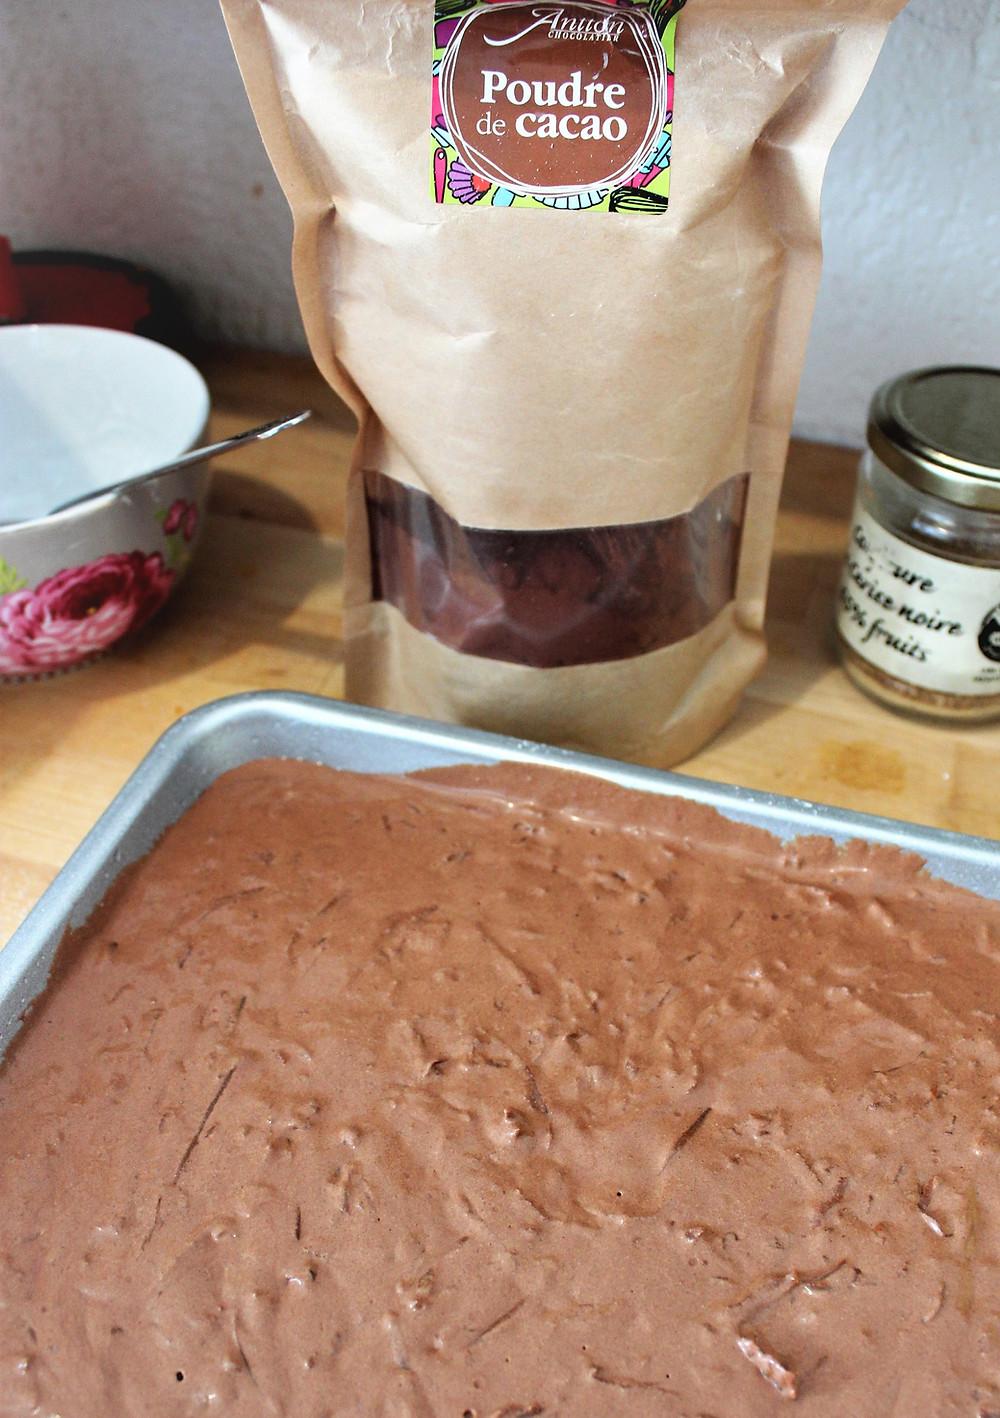 poudre de cacao antton Loïs Clément-Tacher Diététicienne Nutritionniste Biarritz Anglet Bayonne Bidart BAB cabinet domicile